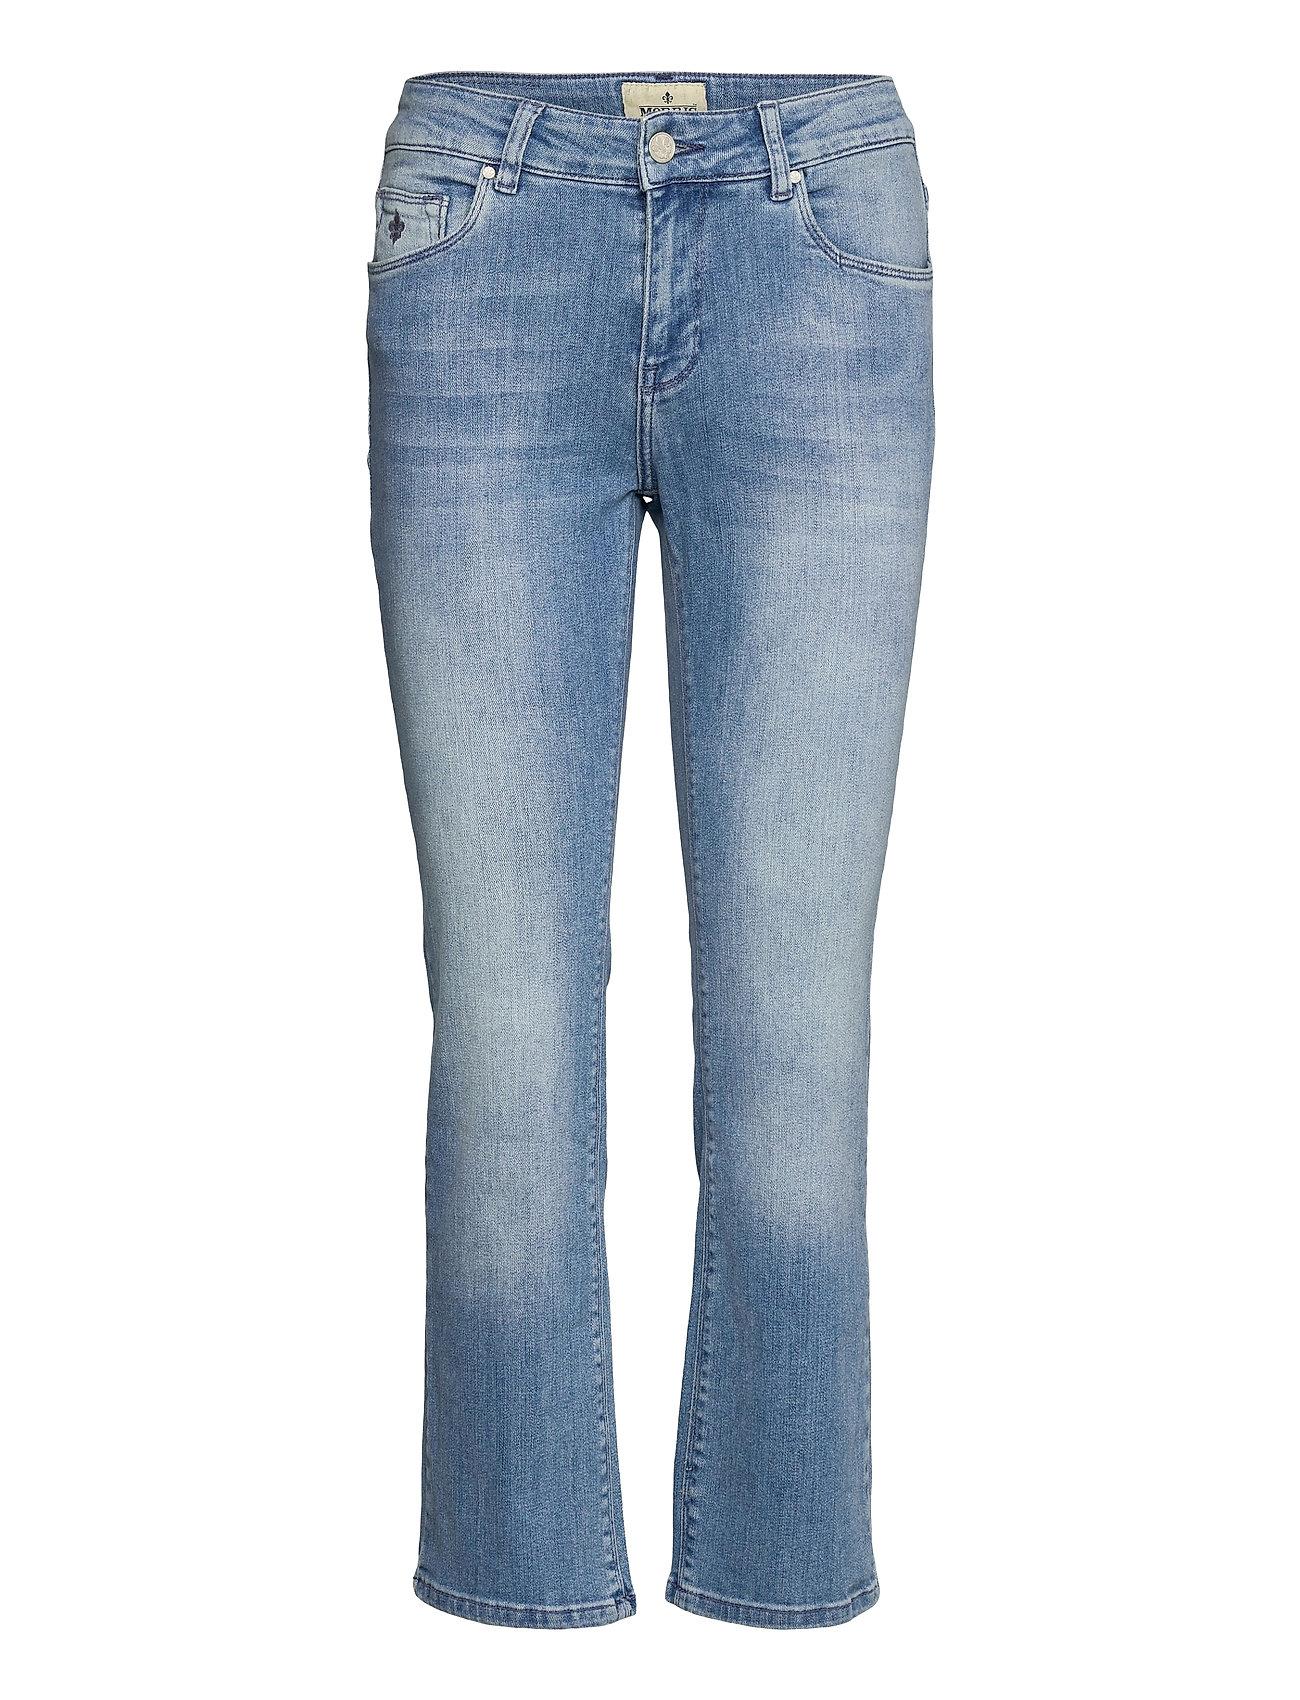 Image of Agnes Jeans Jeans Boot Cut Blå Morris Lady (3487466805)